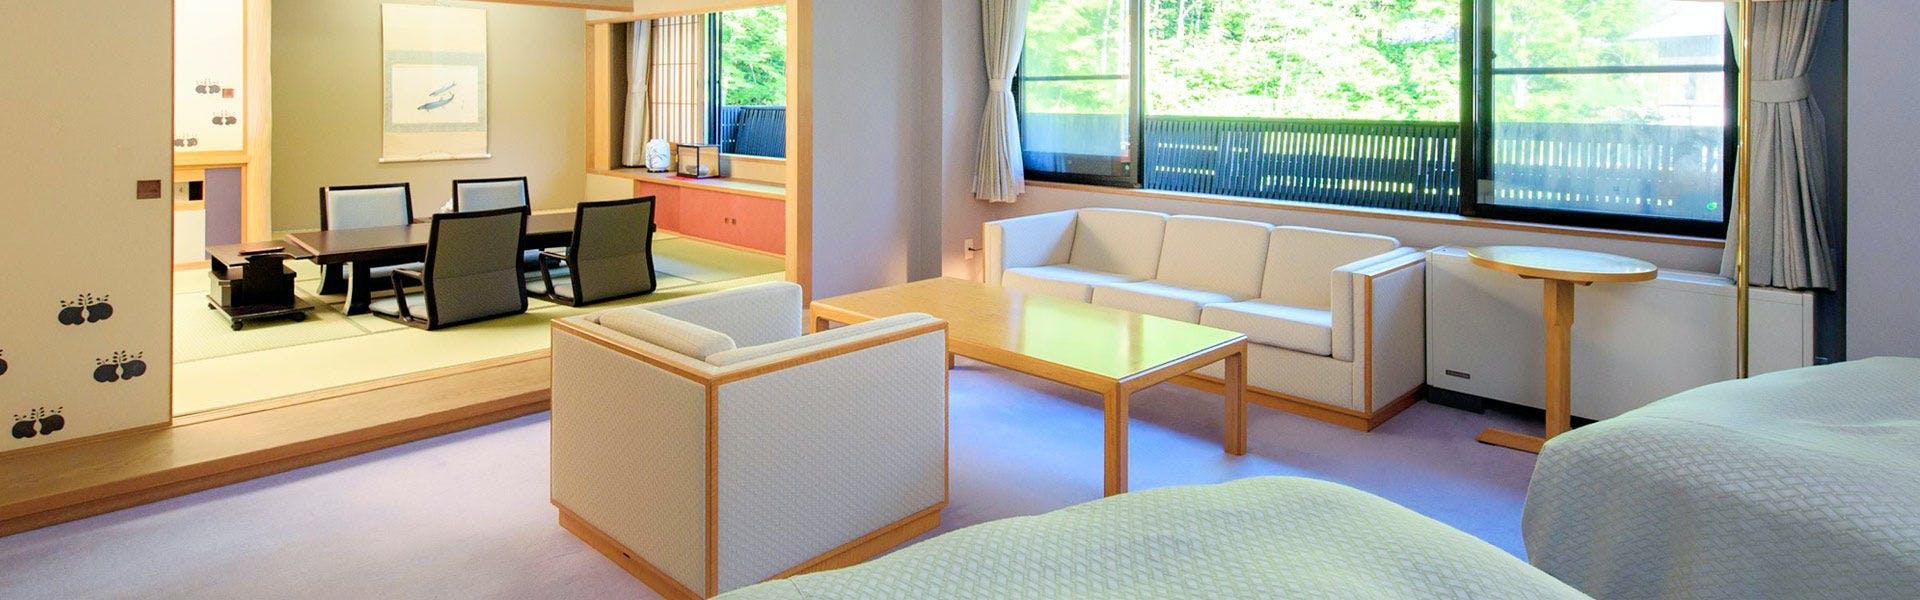 記念日におすすめのホテル・【別邸 山の季】の写真2